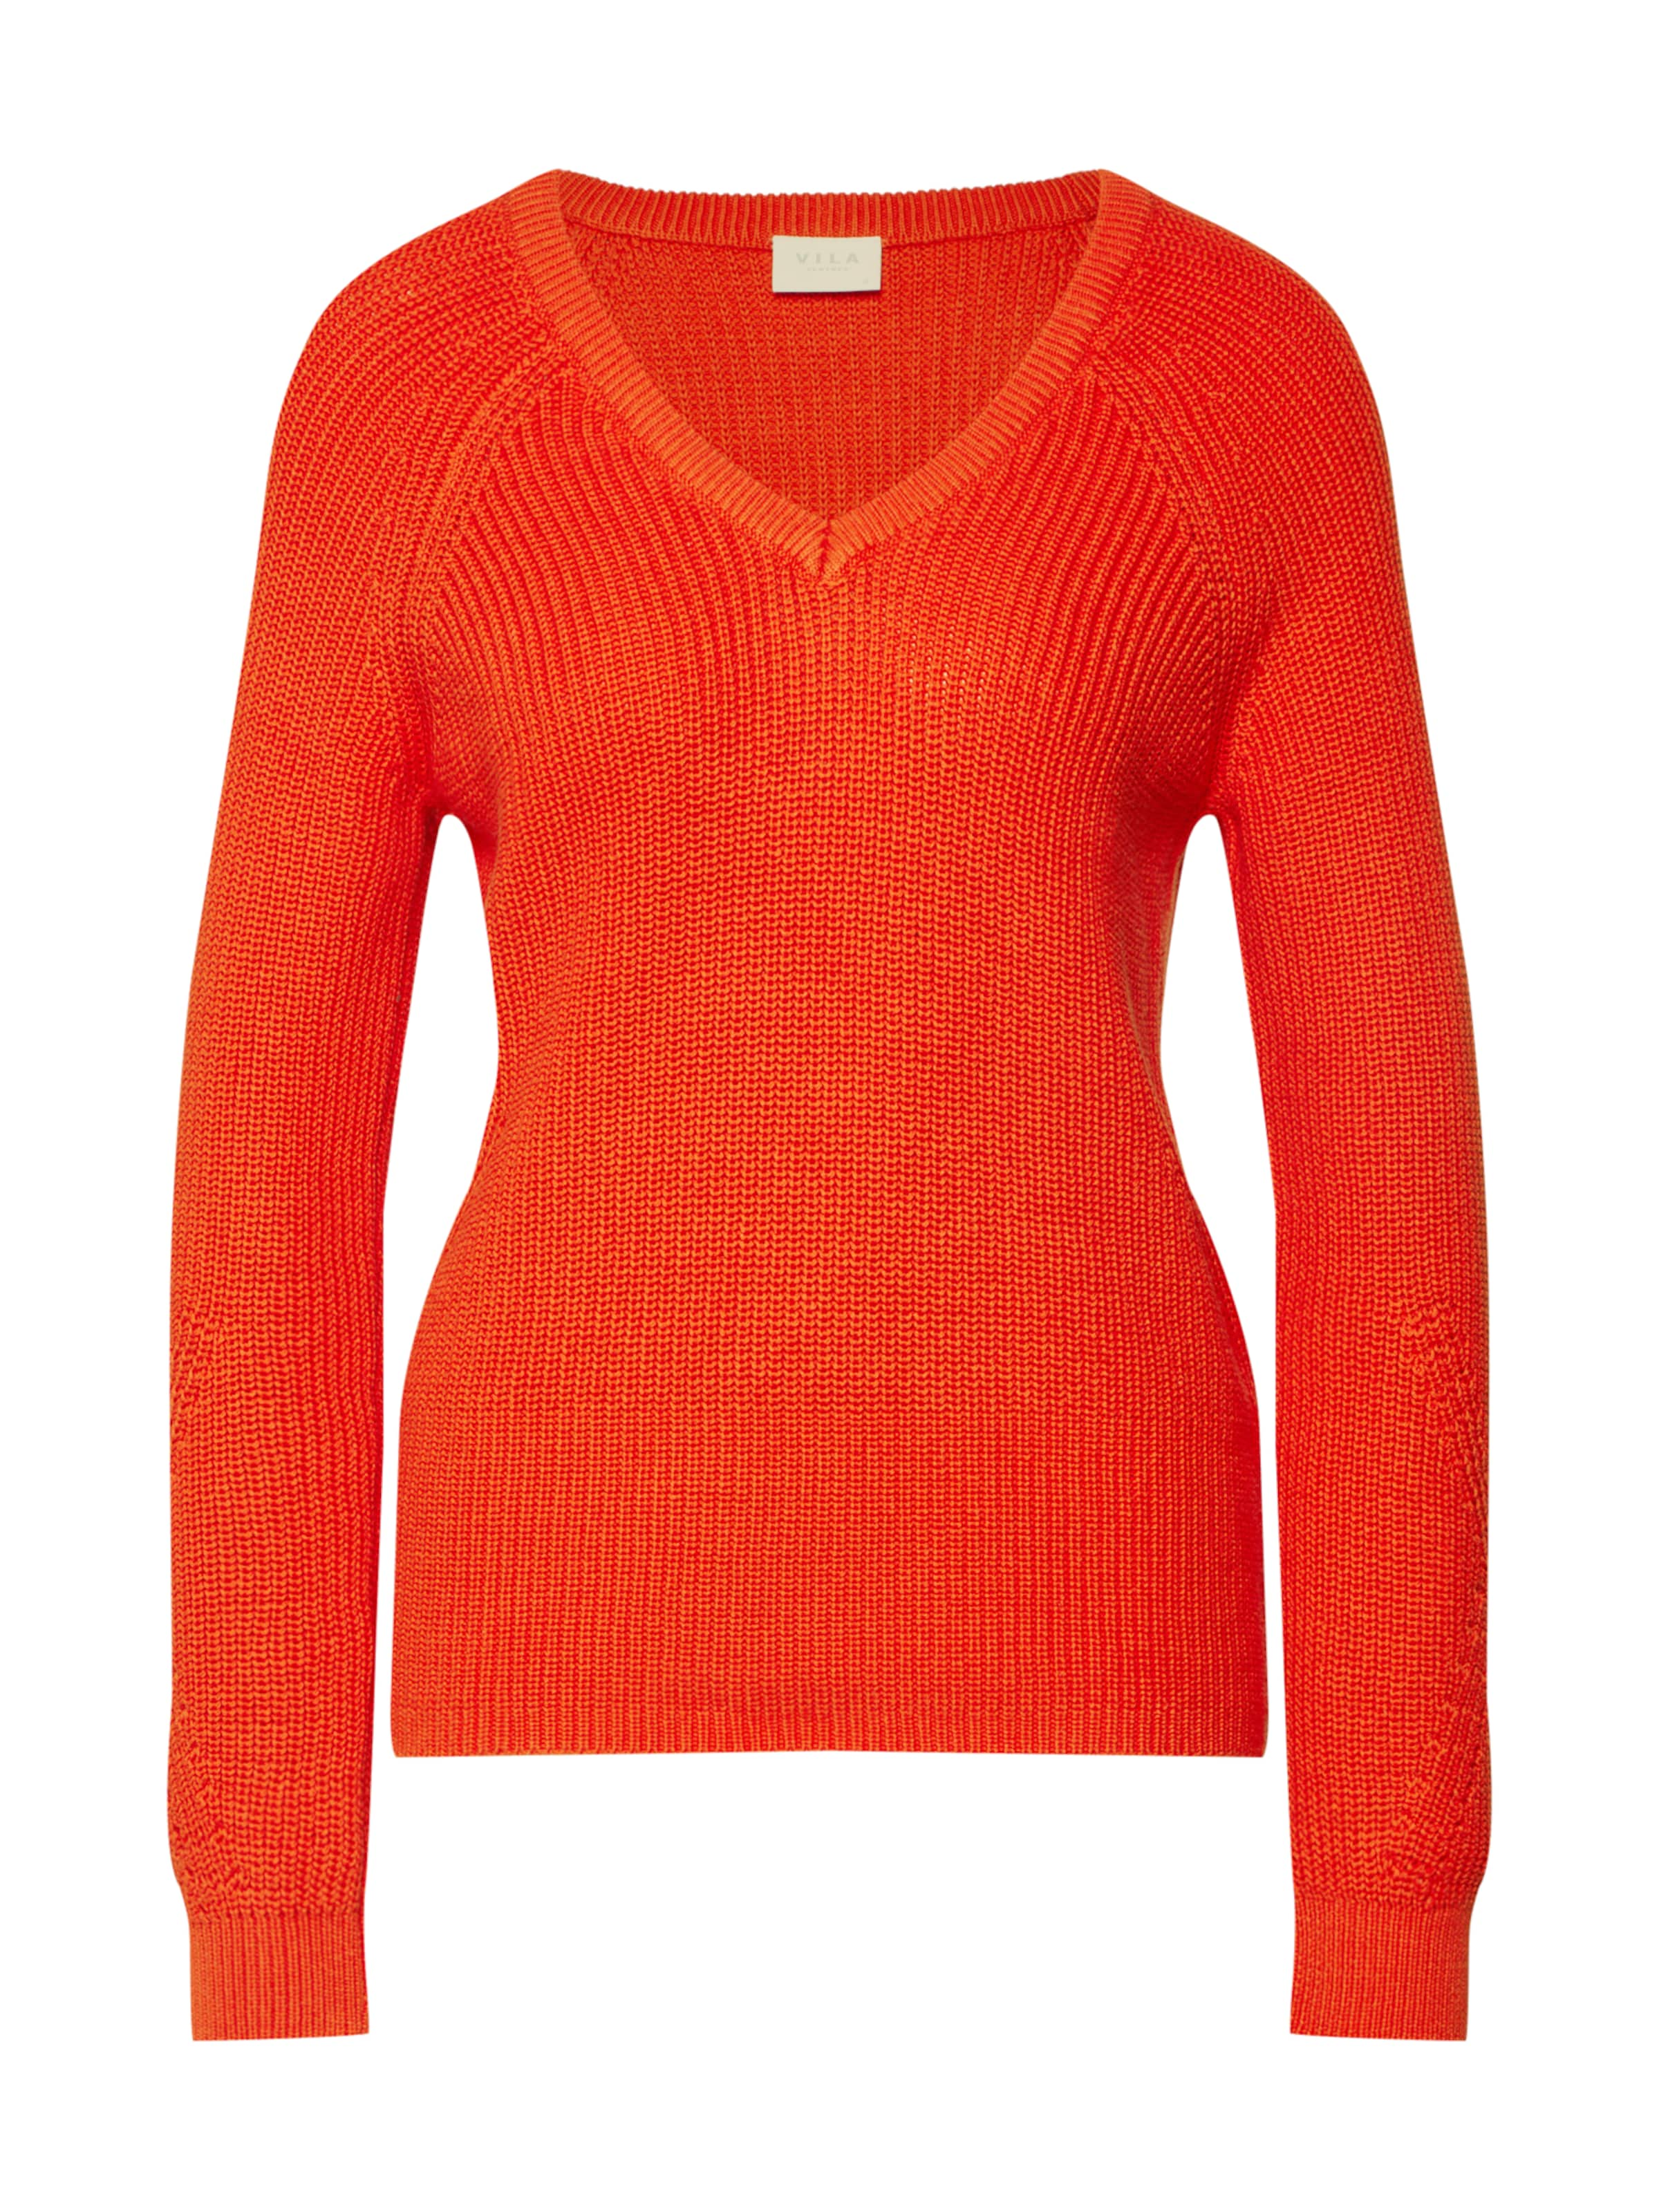 In s 'vimyntani Top' Knit Orangerot Pullover Pointelle L Vila lJFcK1